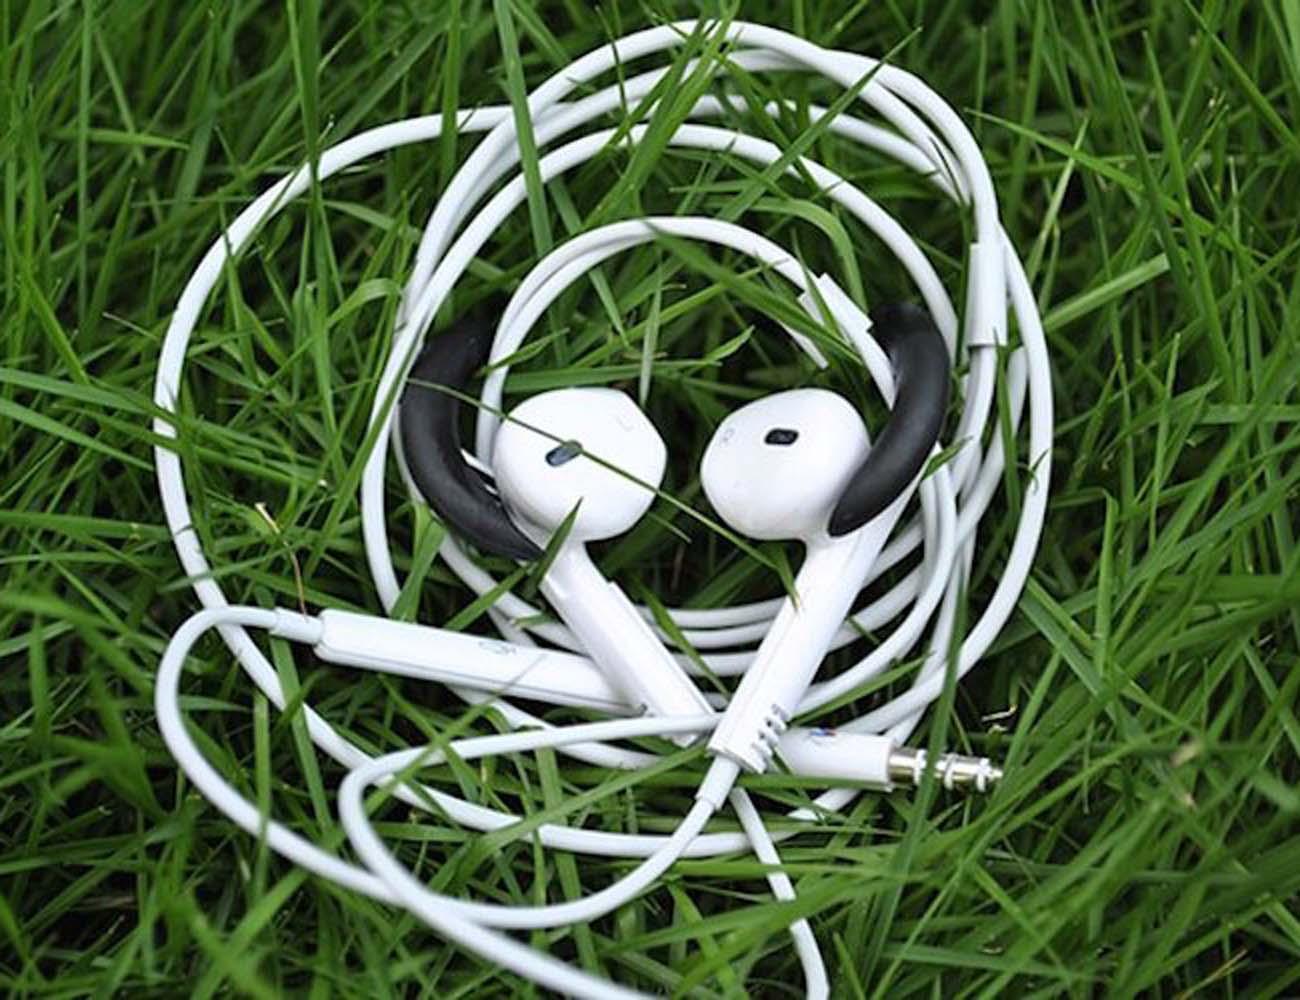 GTEAR – Stabilize Earphones on Your Ears